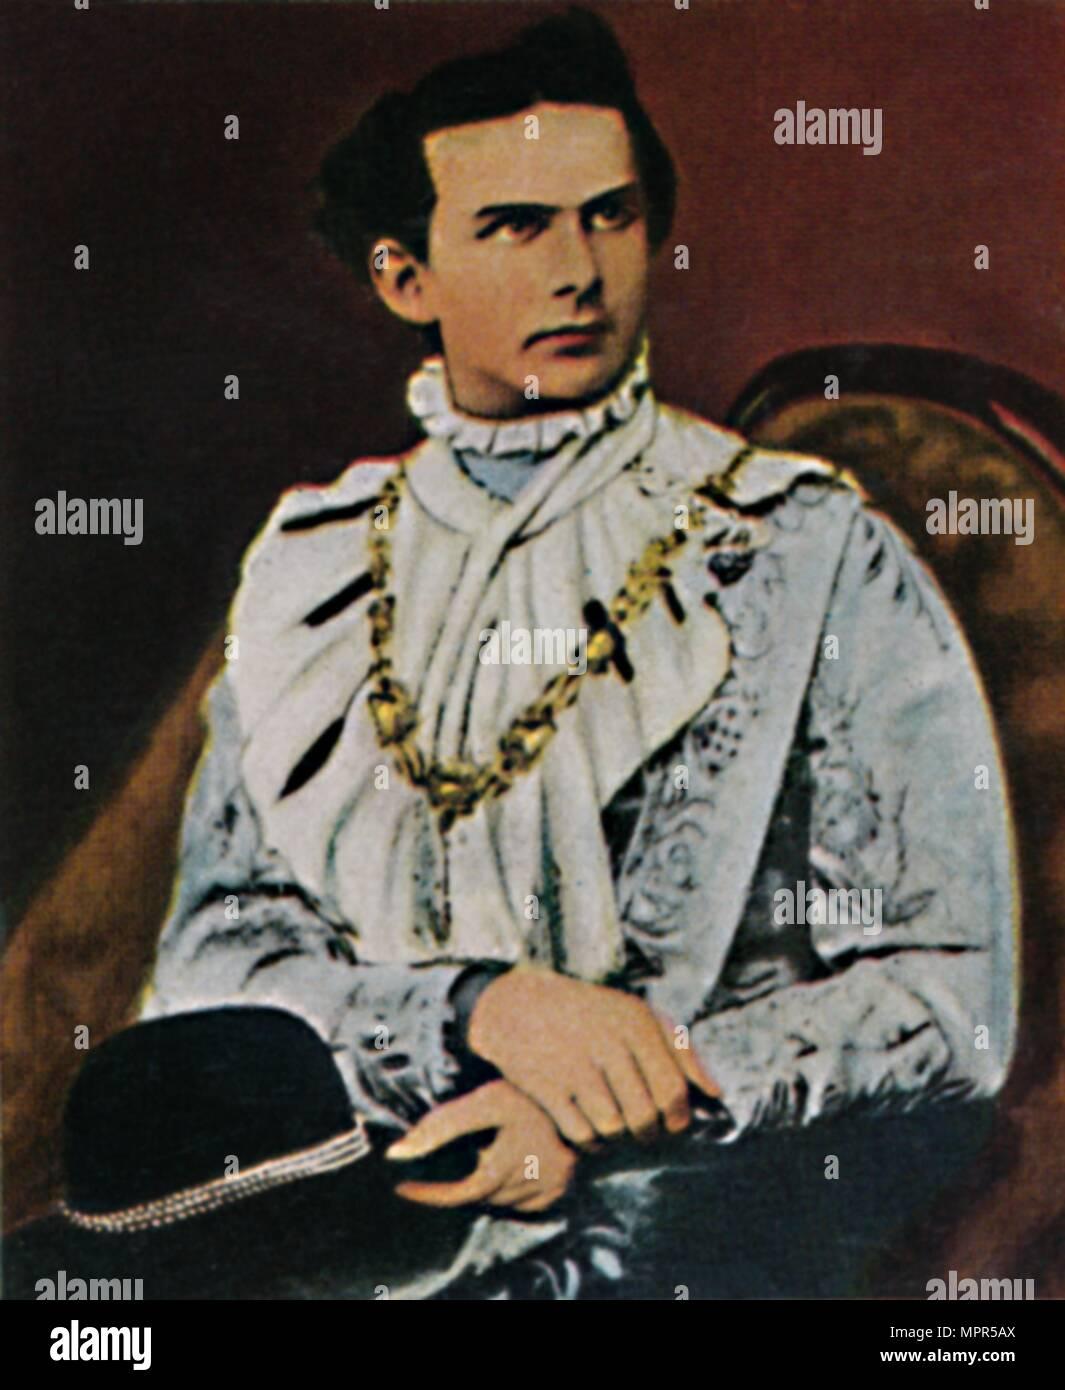 'König Ludwig II. von Bayern 1845-1886', 1934. Artist: Unknown. - Stock Image